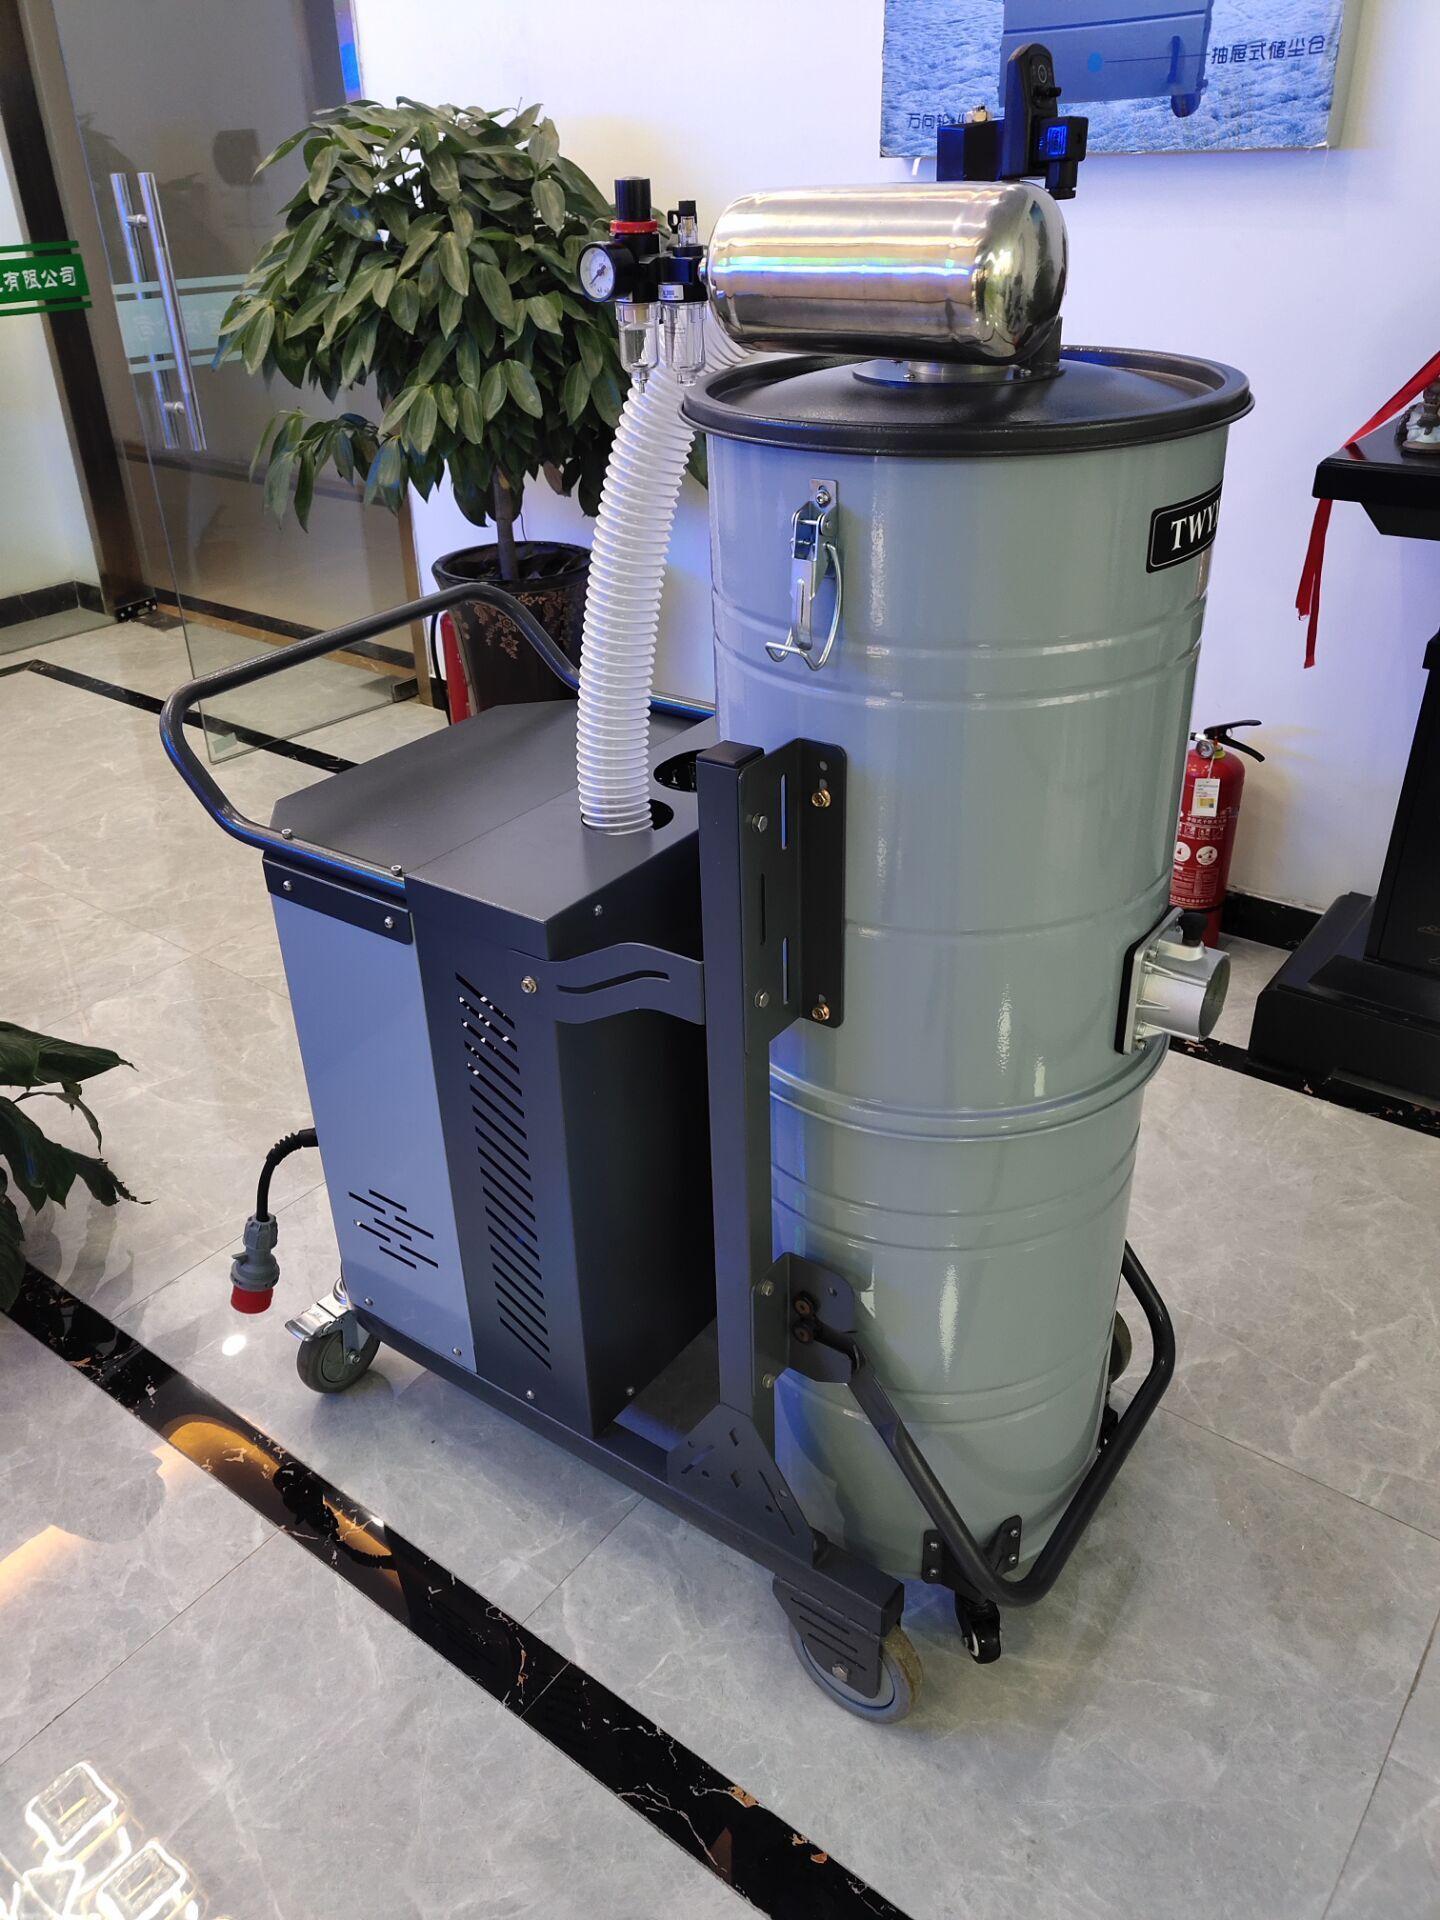 MCJC-7500脉冲集尘机 工业布袋集尘机  铁屑废渣集尘机 工业吸尘器  粉尘吸尘器 工业集尘机示例图11